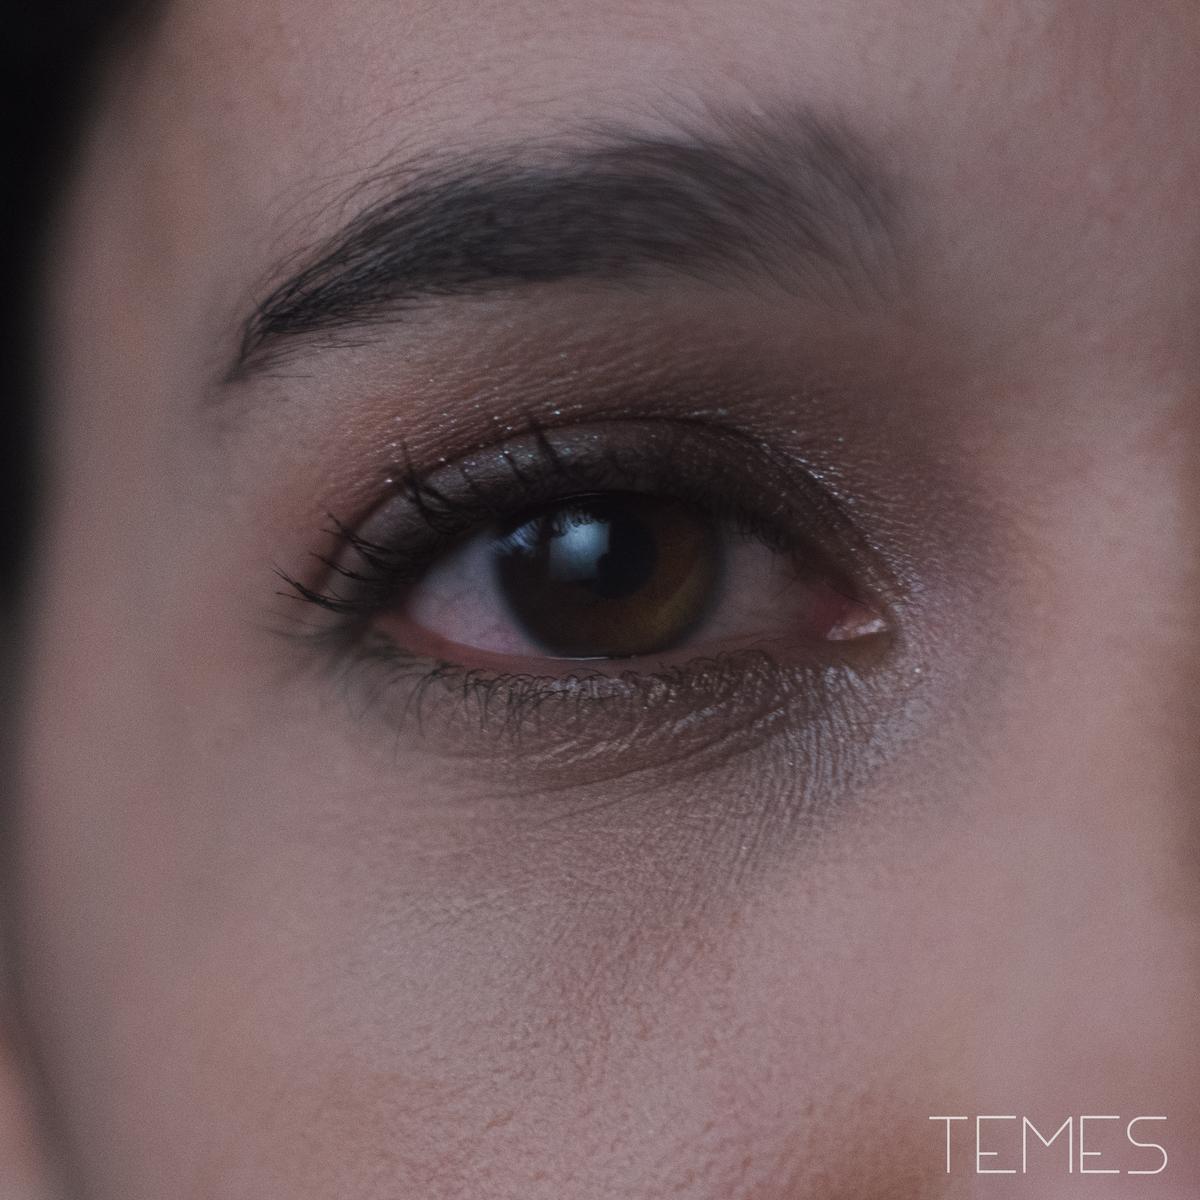 iLe_Temes